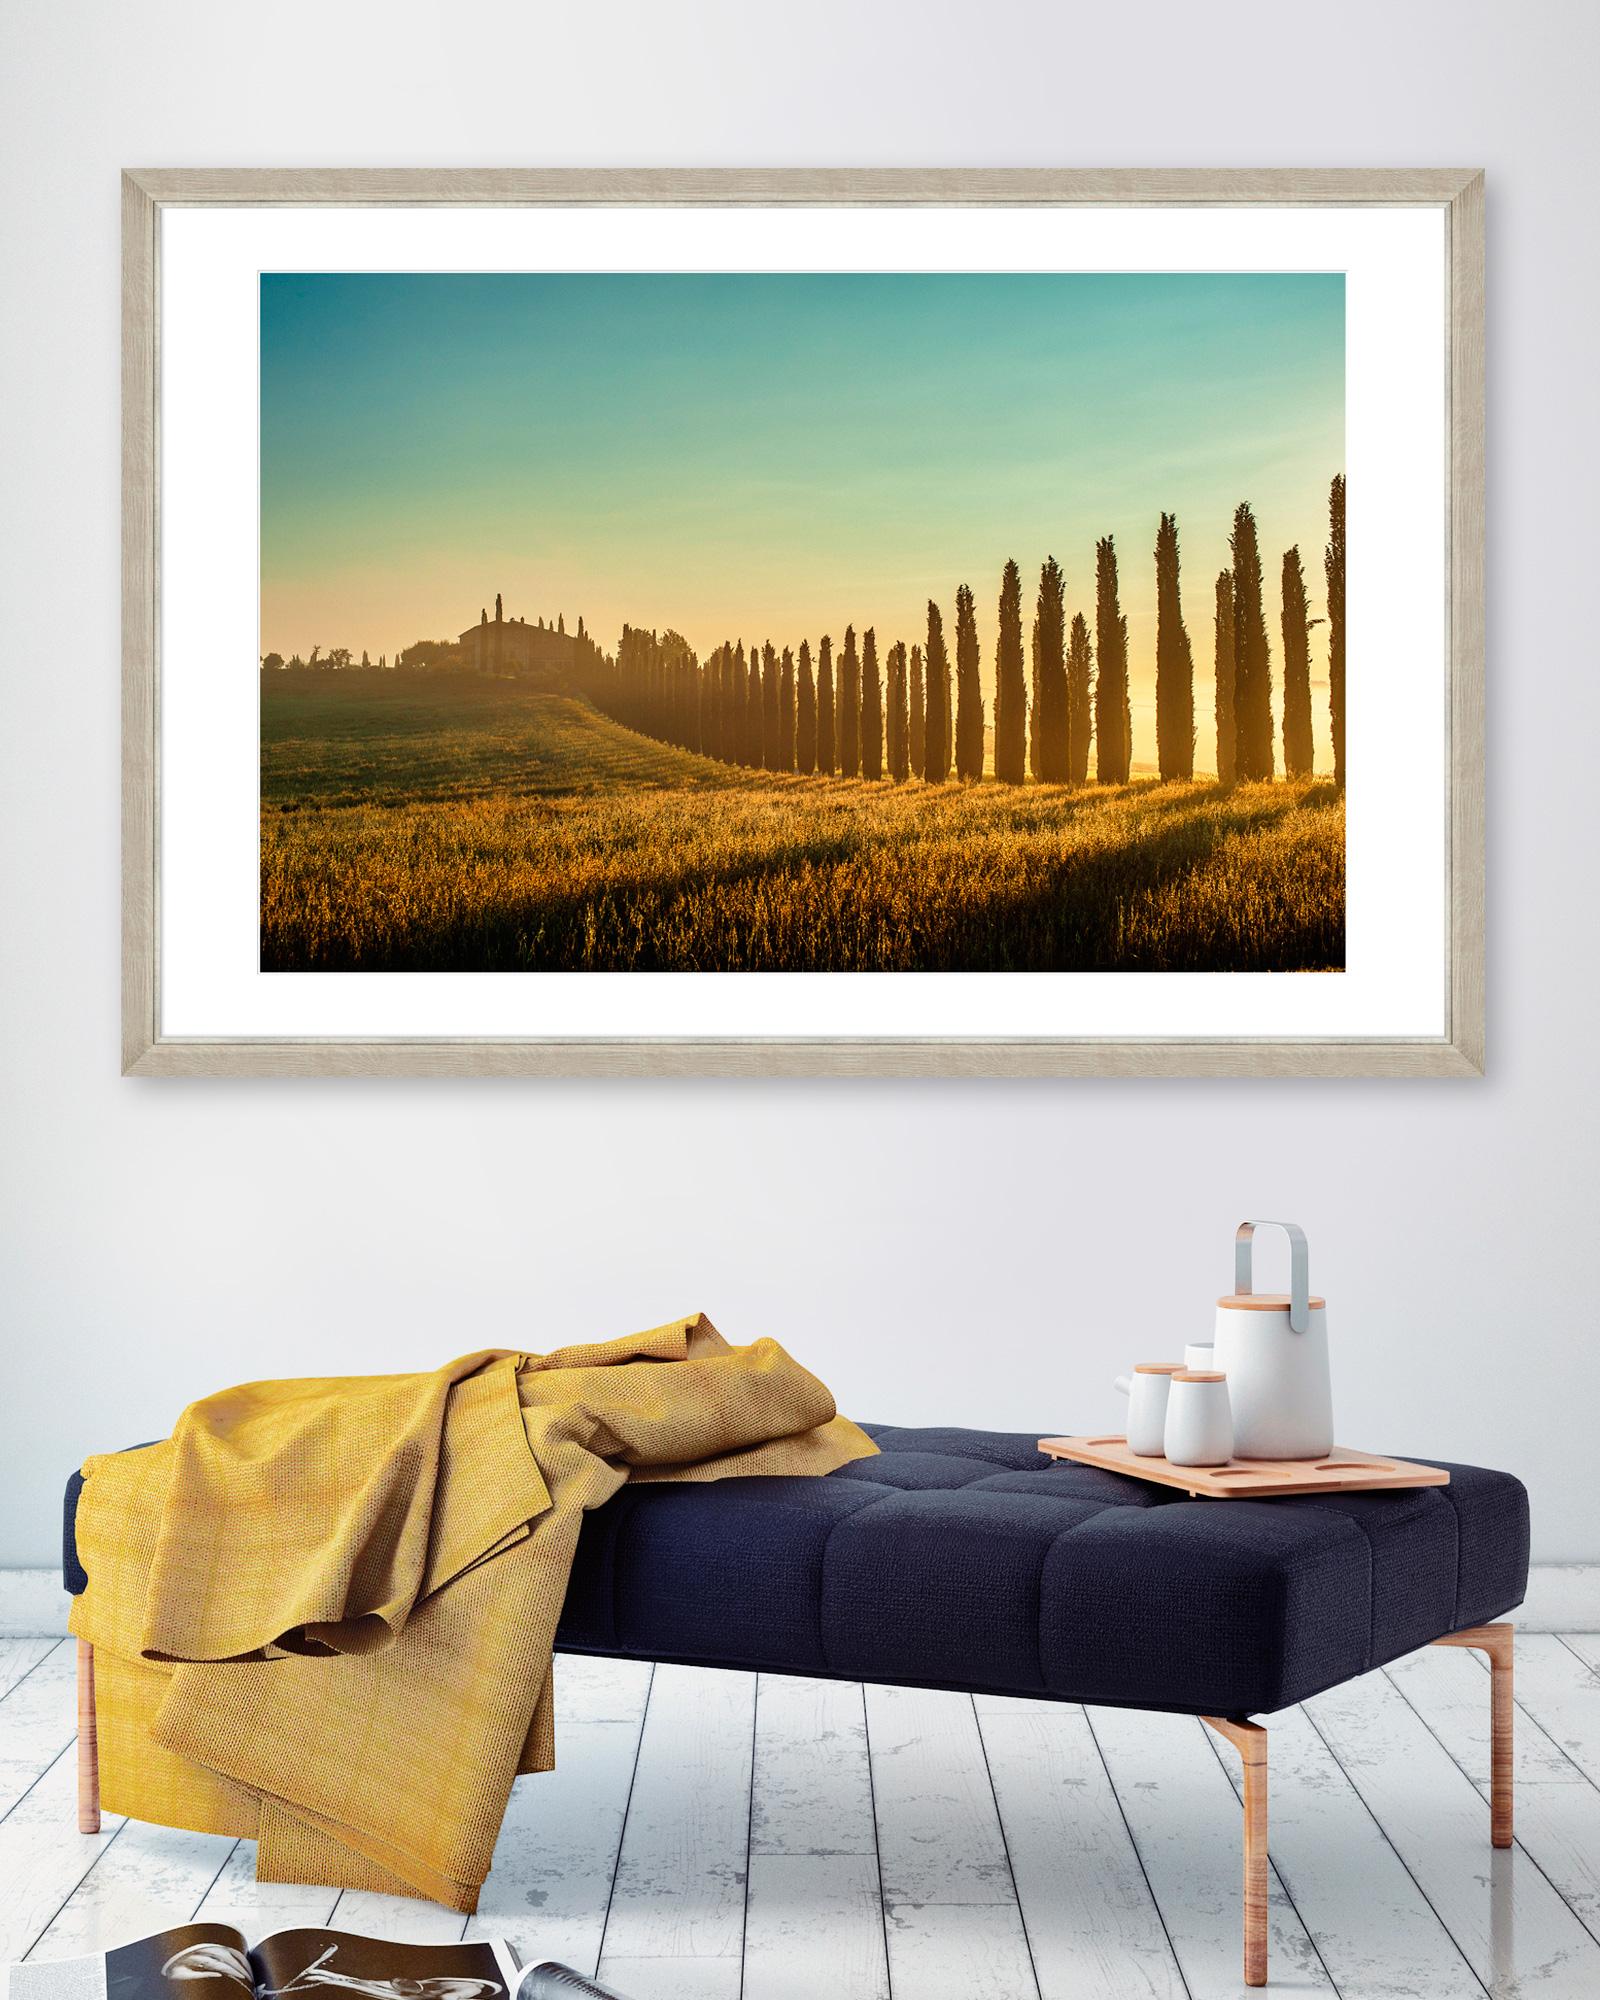 Tablou Framed Art Tuscany Landscape